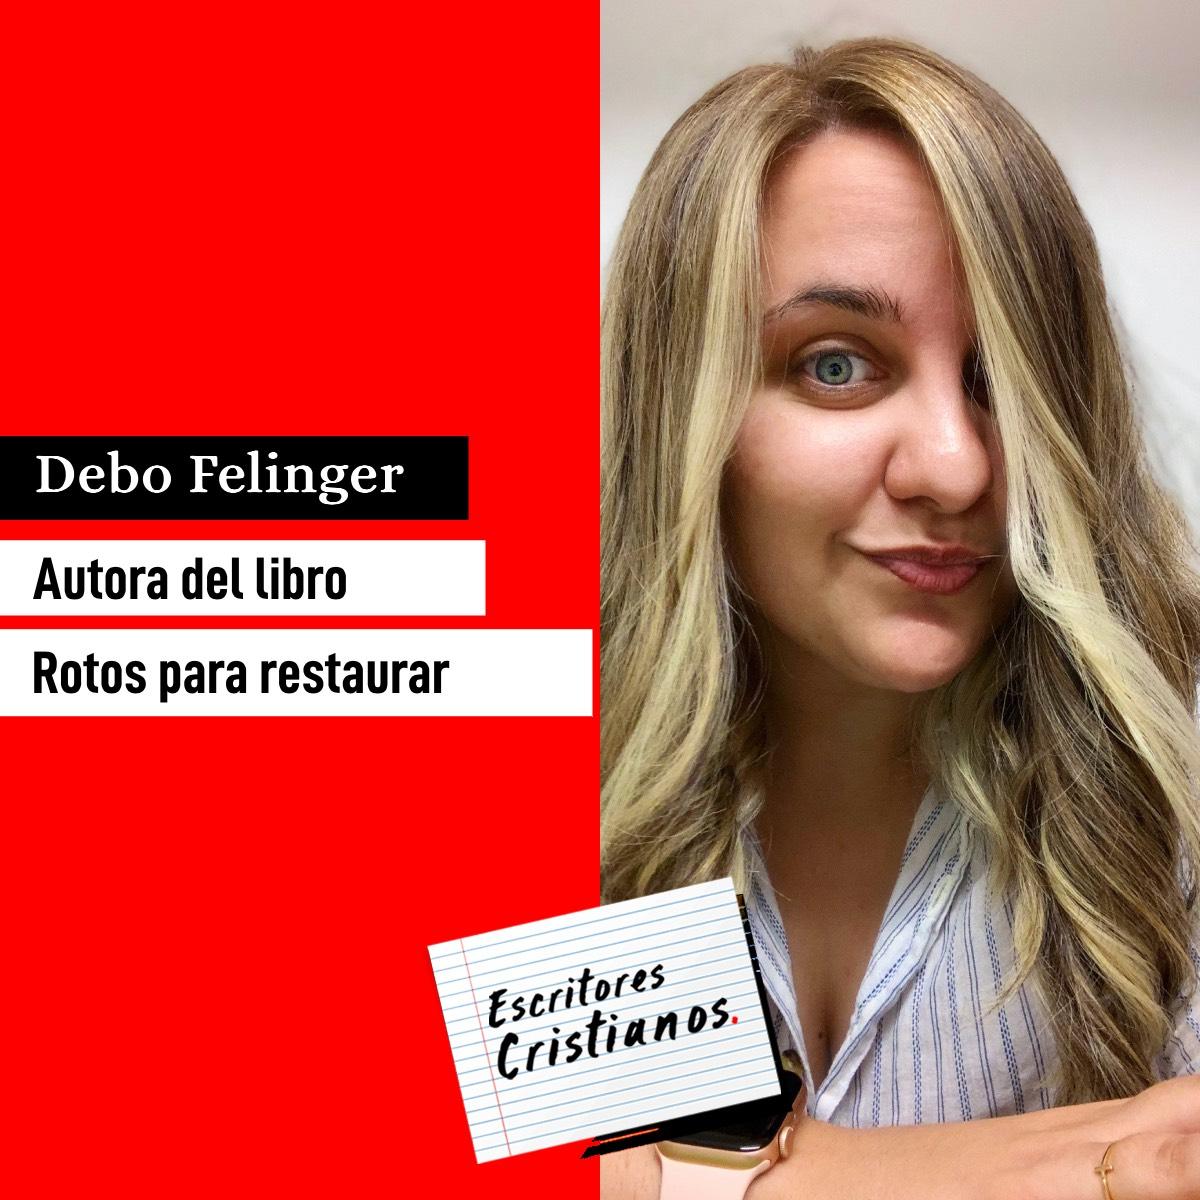 Debo Felinger habla de su libro Rotos pararestaurar